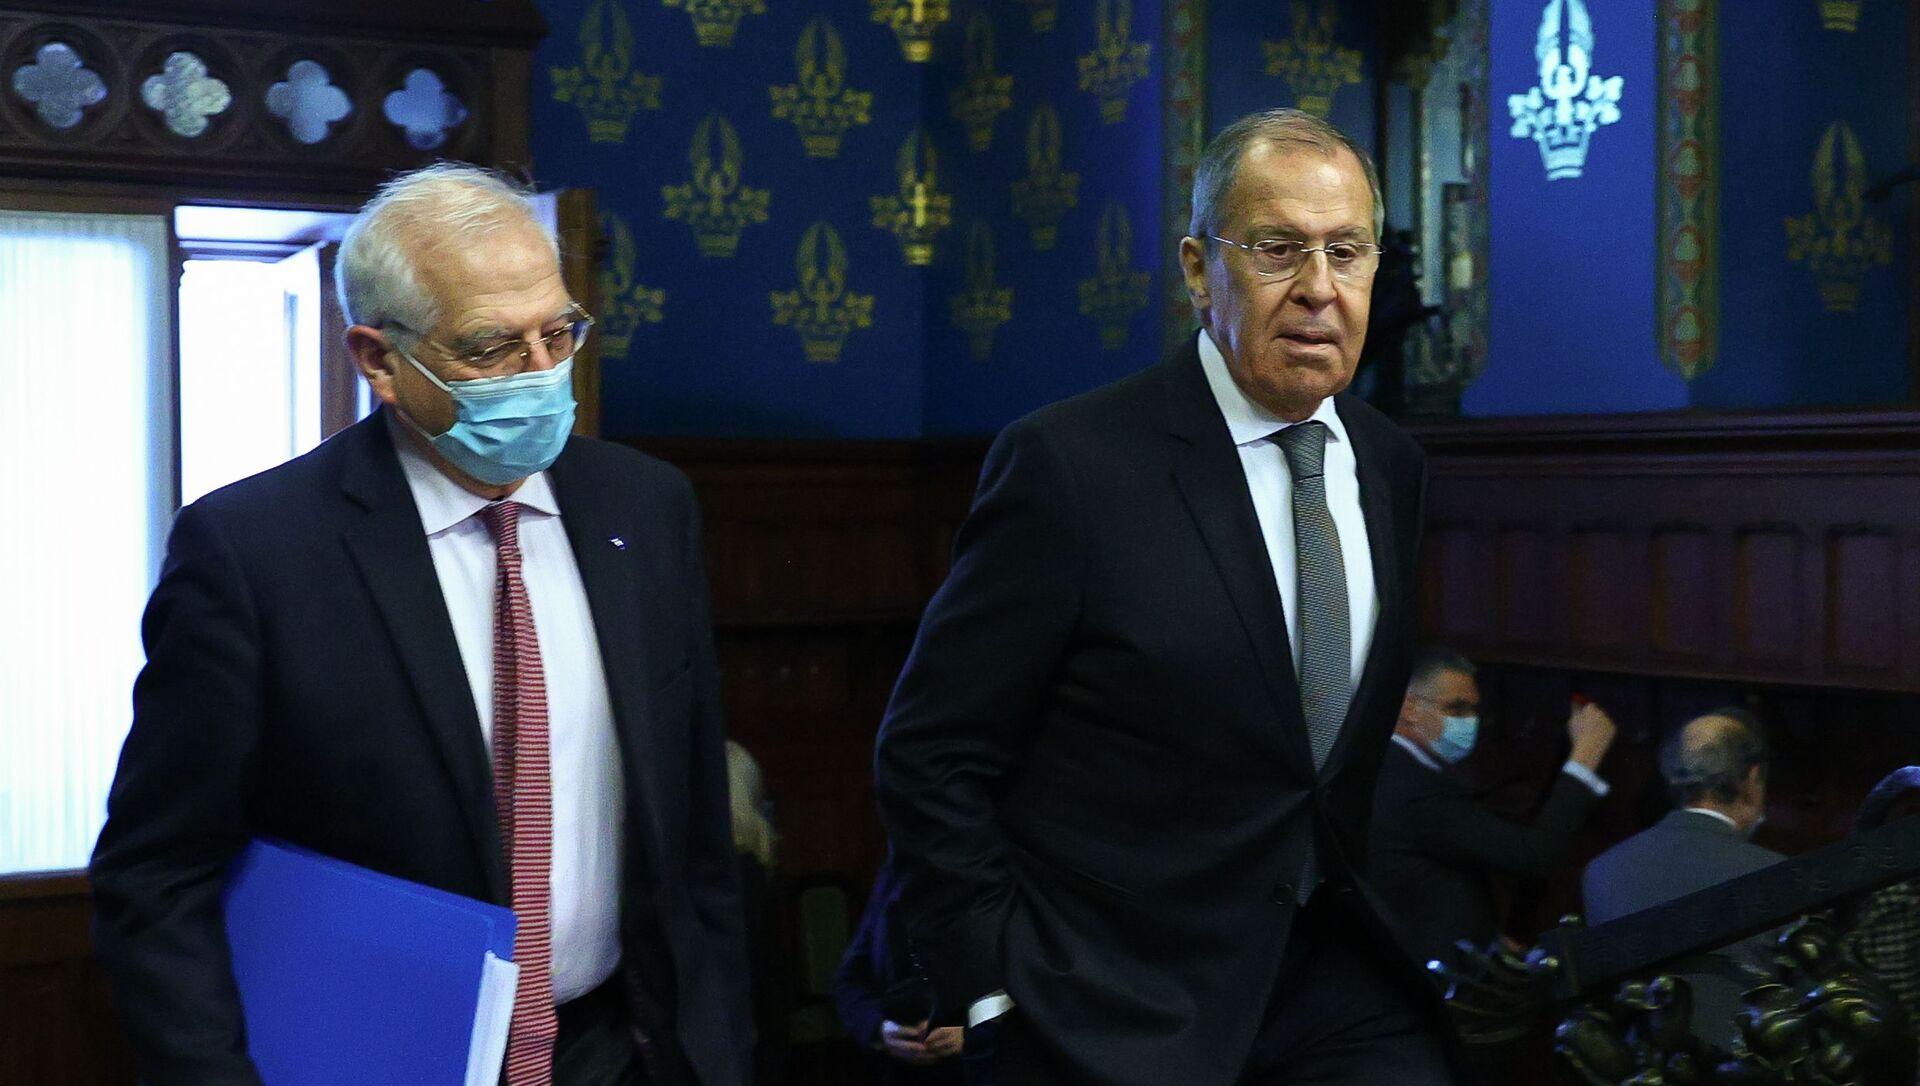 """Борељ: Надам се да ће ЕУ моћи да региструје вакцину """"Спутњик Ве"""" - Sputnik Србија, 1920, 05.02.2021"""